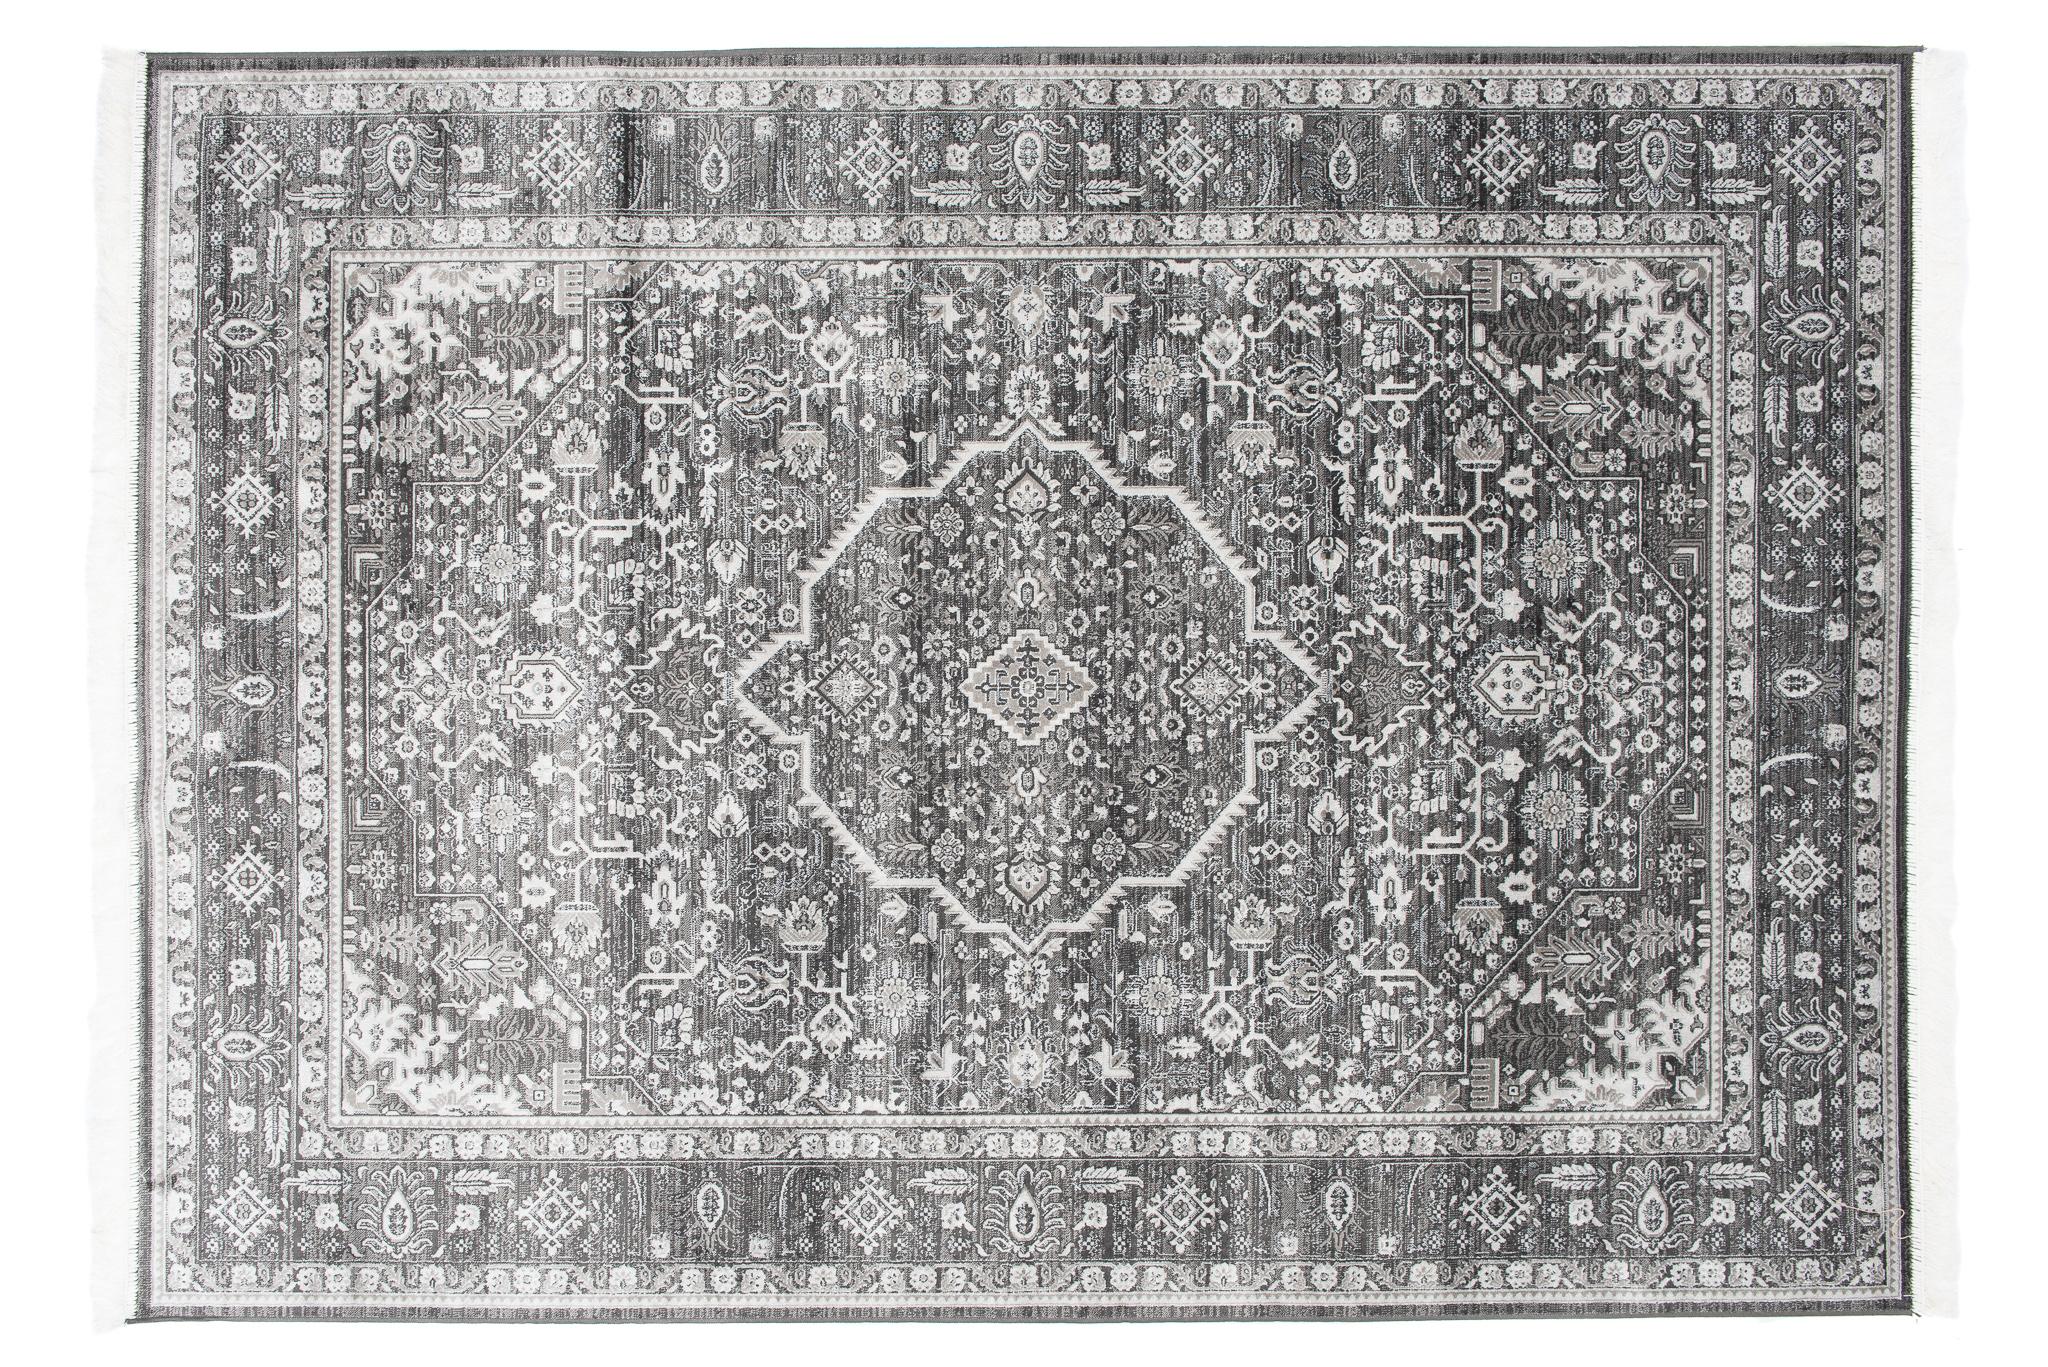 Dywan tradycyjny Isphahan 84332/68 WZORY ORIENTALNE DO SALONU szary